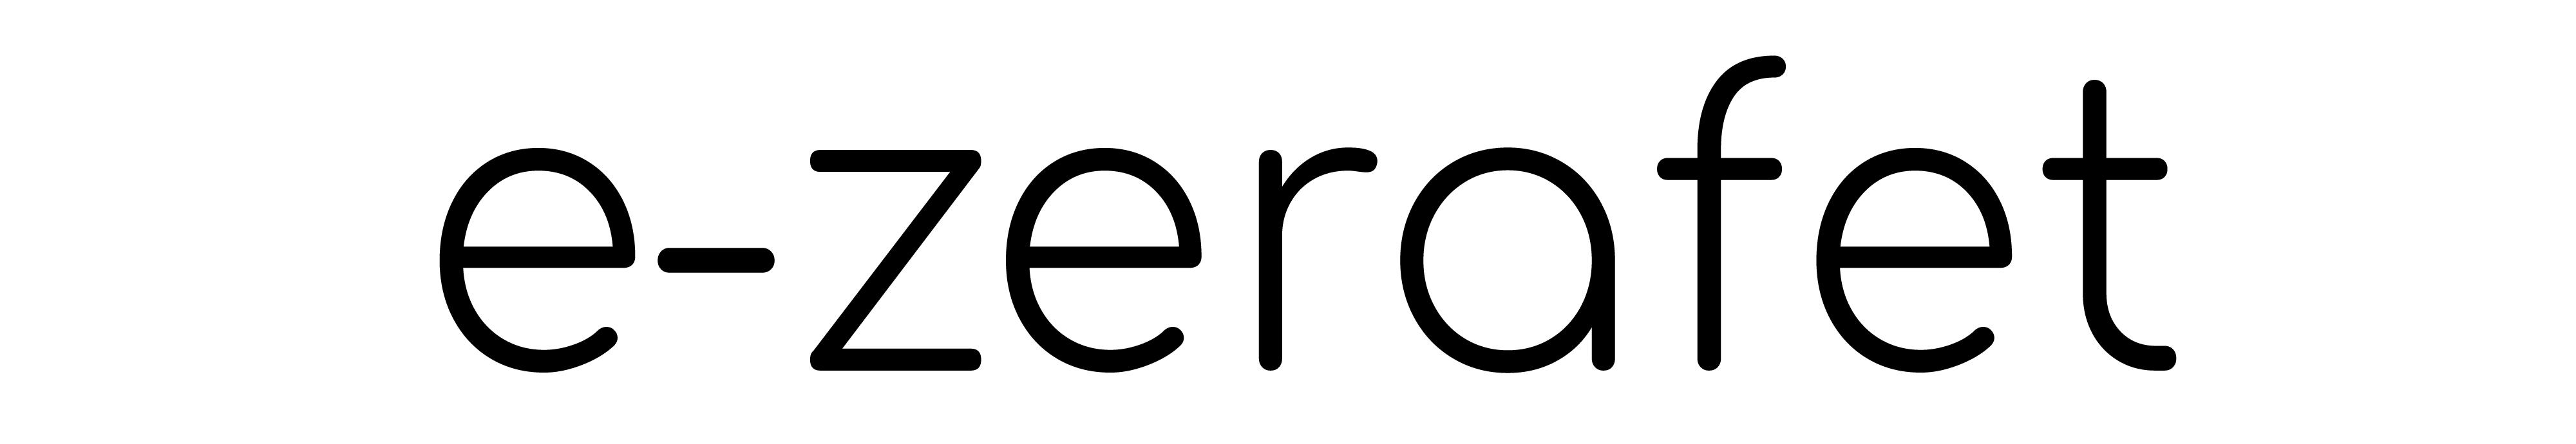 ezerefet.com